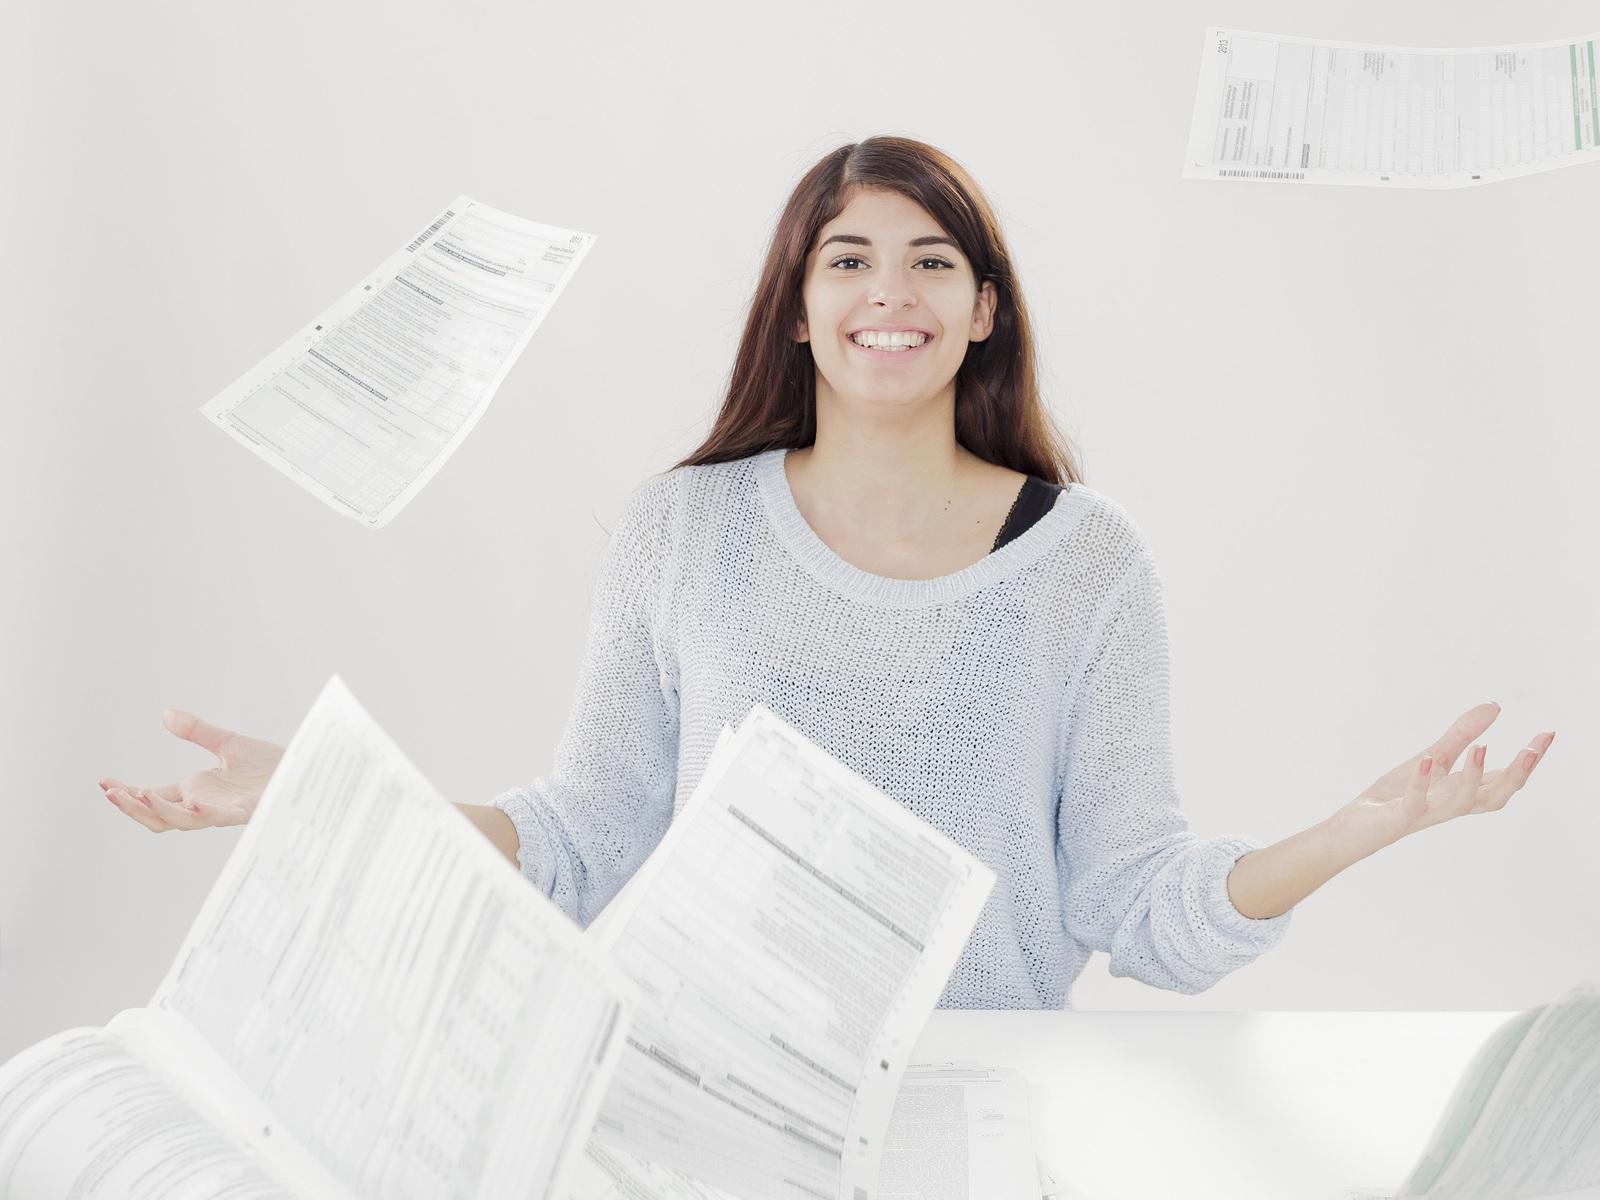 Frei-und Pauschbeträge erleichtern die Steuererklärung. So bekommen Sie mehr Geld und müssen nicht einmal unbedingt Belege vorweisen.